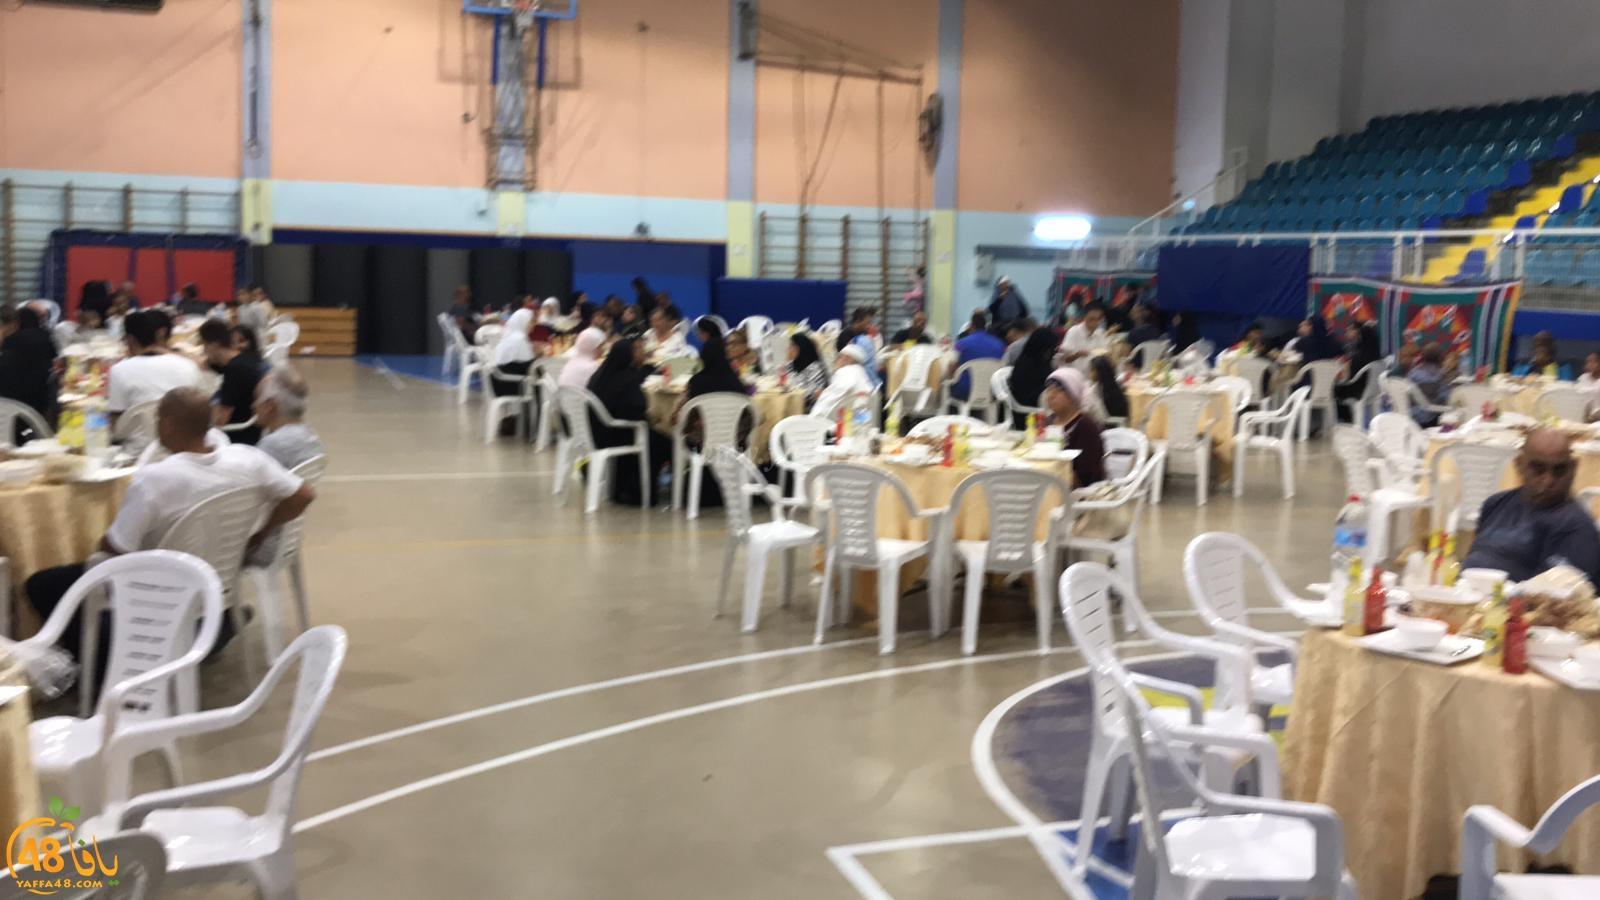 فيديو: افطار جماعي لأهالي يافا في المركز الجماهيري بالتعاون مع لجنة حي العجمي والجبلية